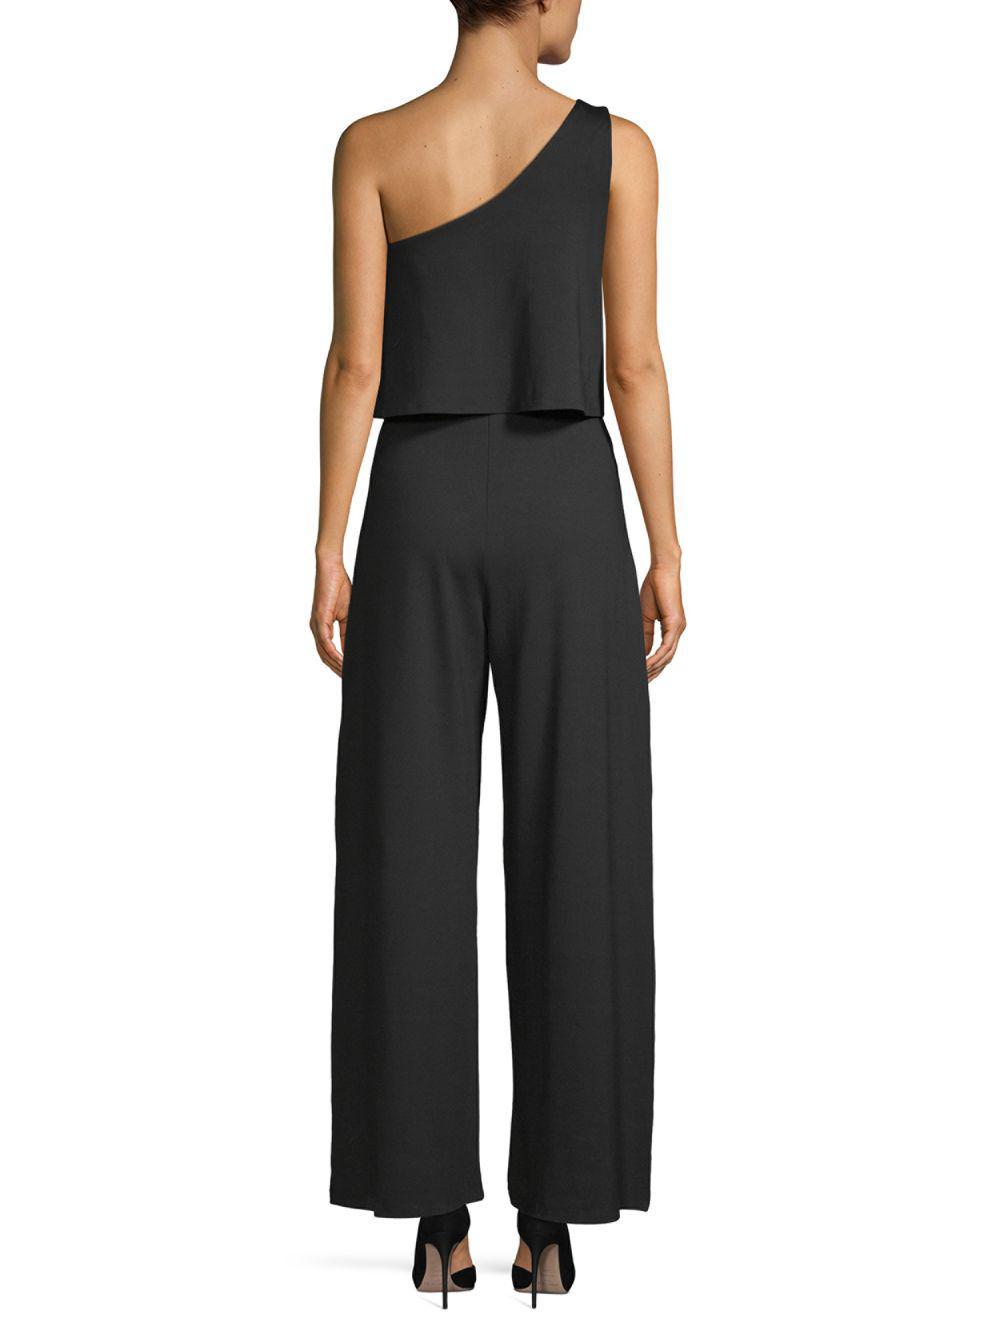 cb88e753f80e Susana Monaco Ilana Overlay Jumpsuit in Black - Save ...